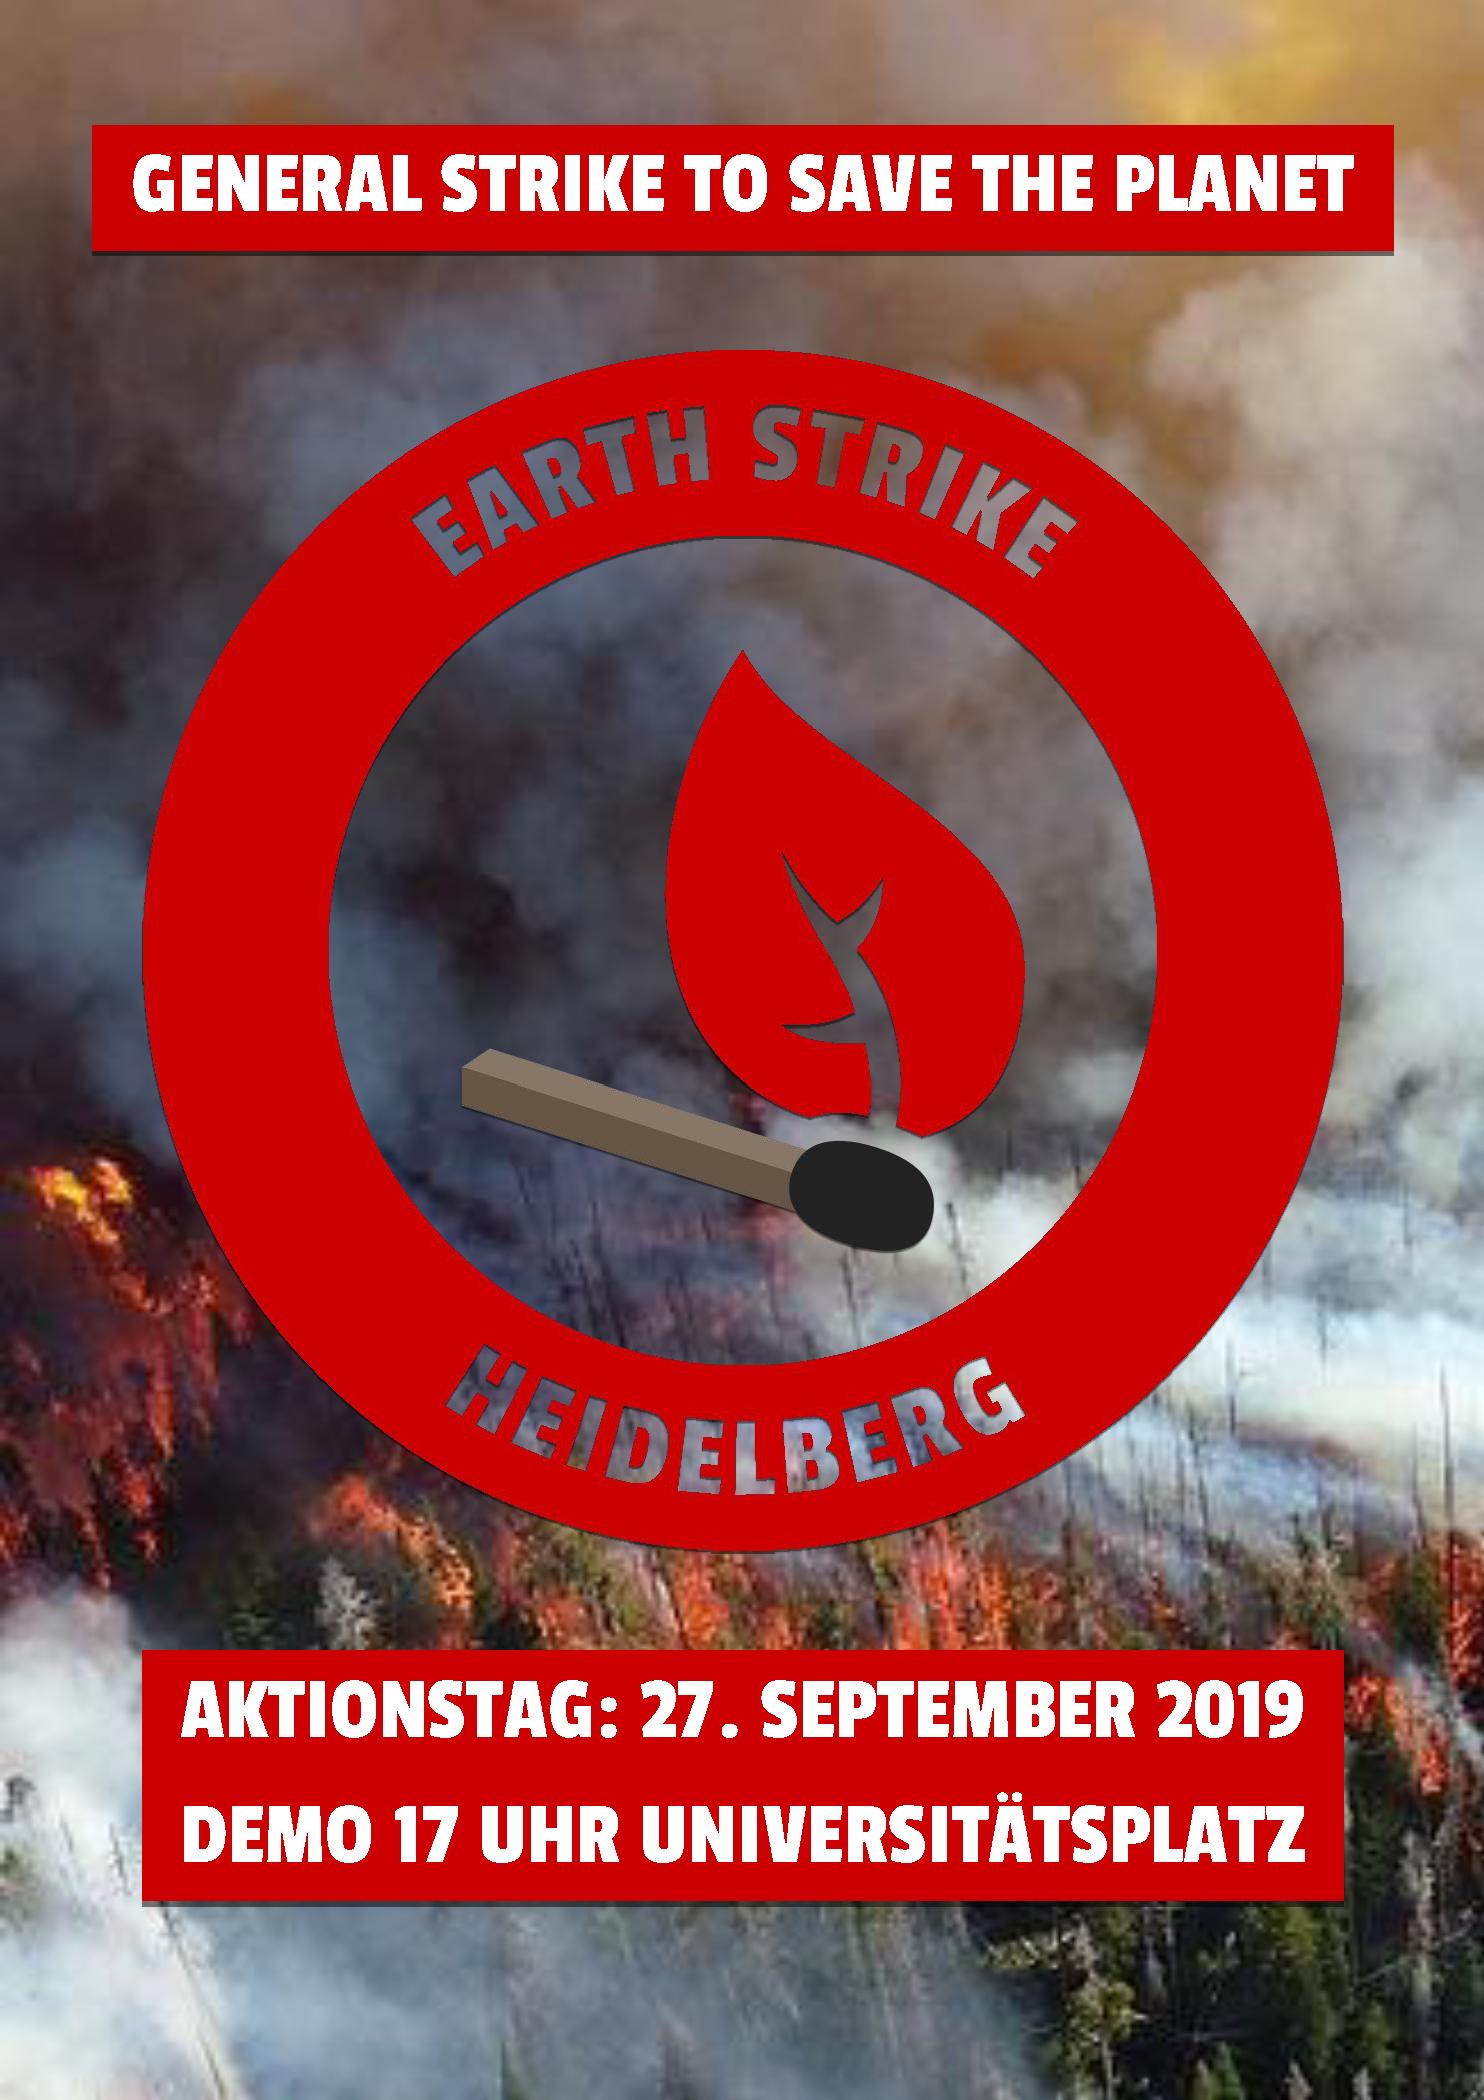 Earth Strike 27. Sept. 2019